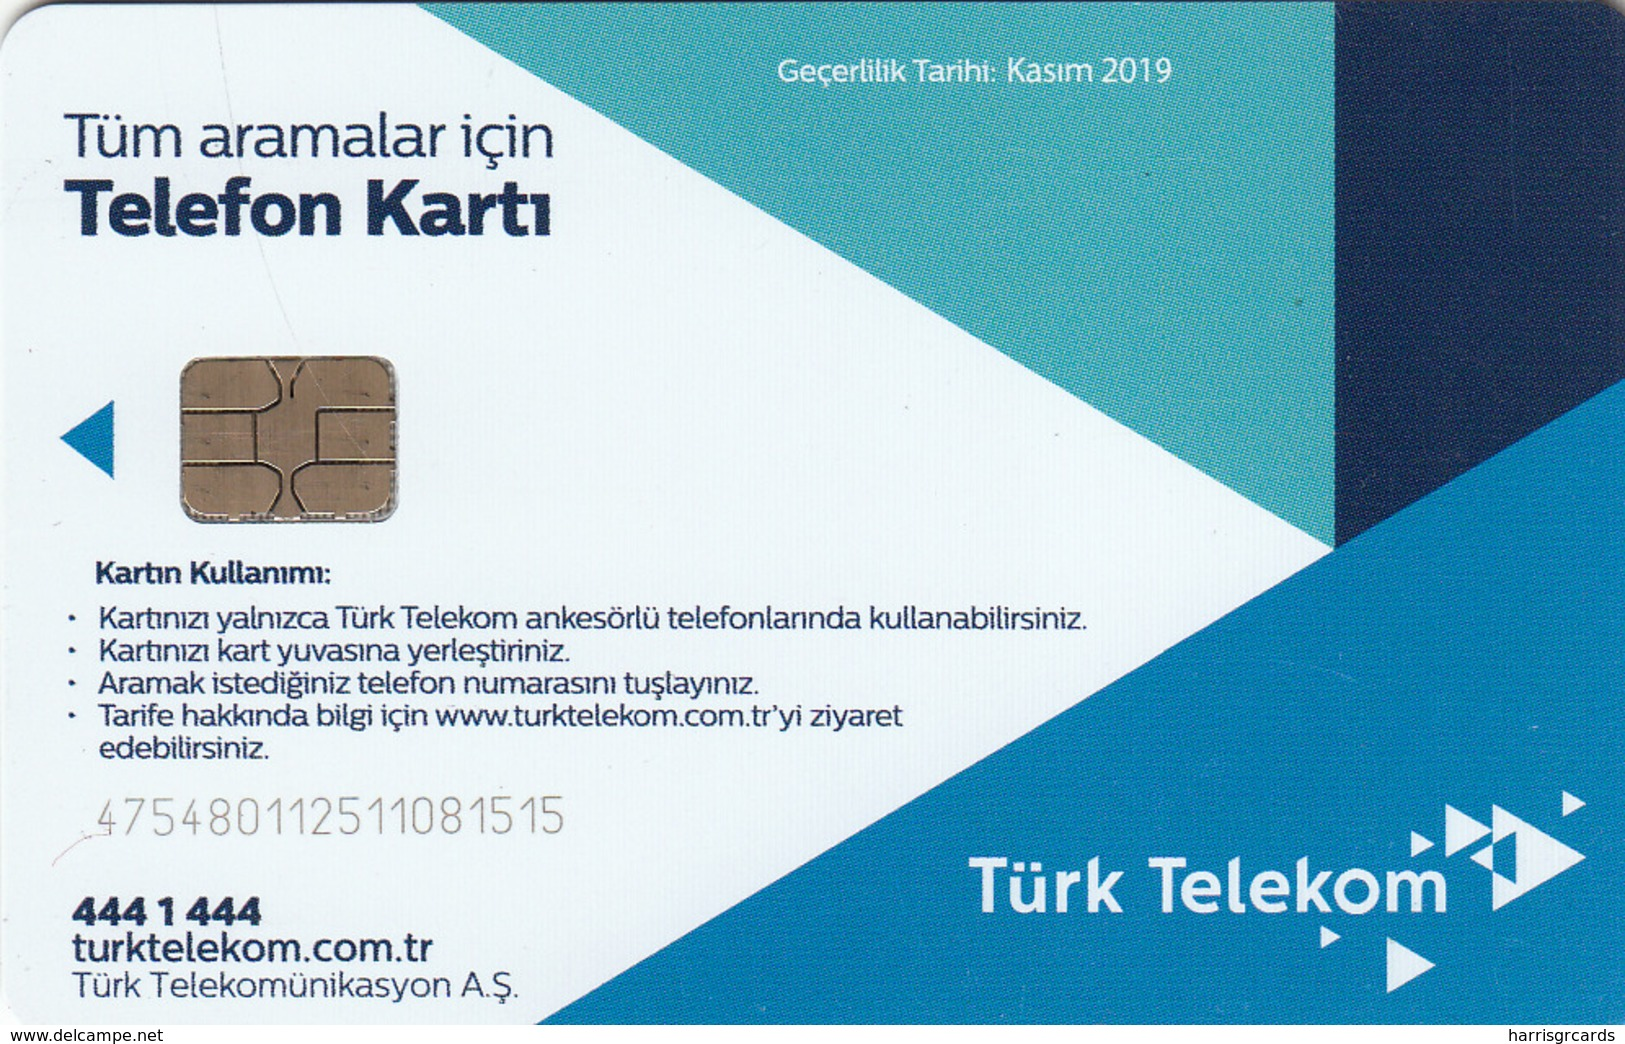 TURKEY - Telefon Kartı , Kasım 2019 (Glossy Card), C.H.T. - CHT05 , 4 ₤ - Turkish Lira ,09/17, Used - Turquie